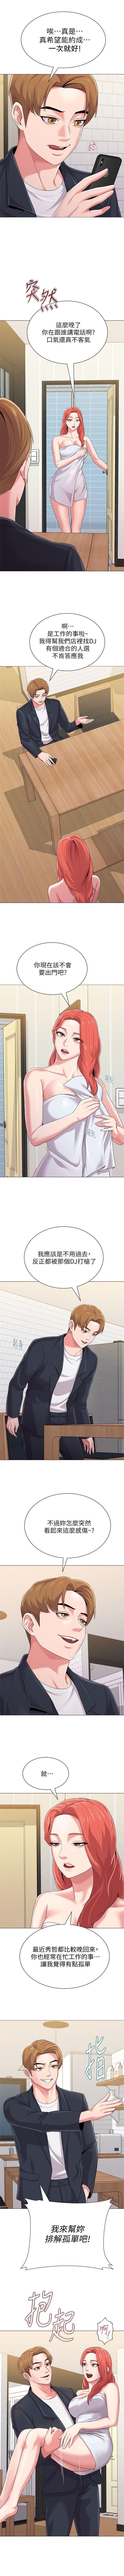 老師 1-80 官方中文(連載中) 196